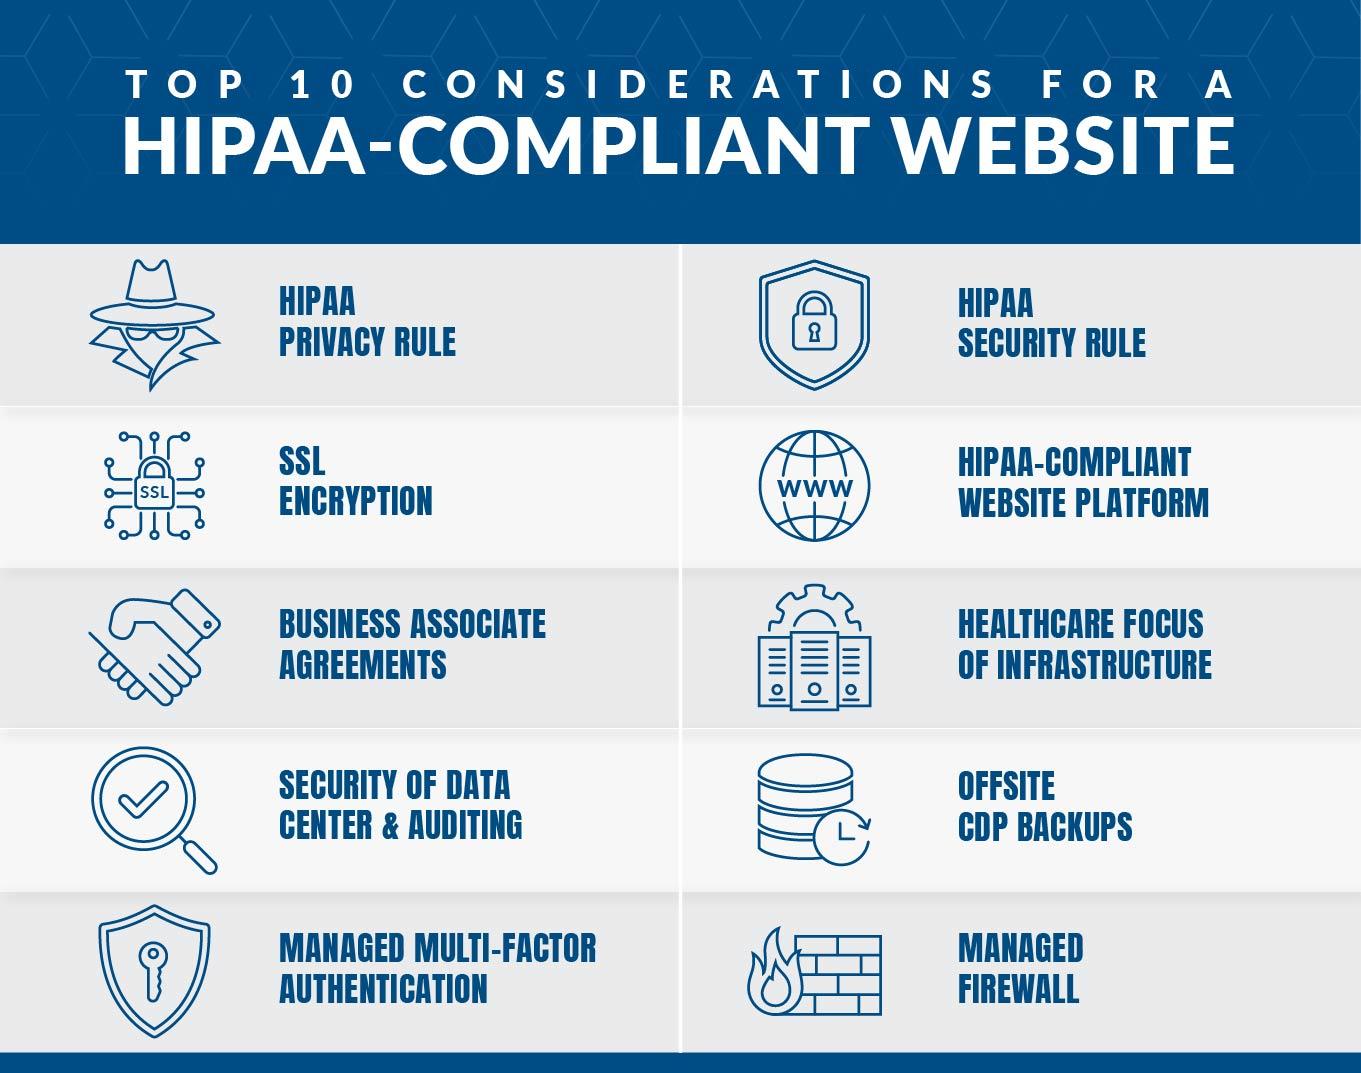 HIPAA Compliant Website: How to Make a HIPAA-Compliant Website